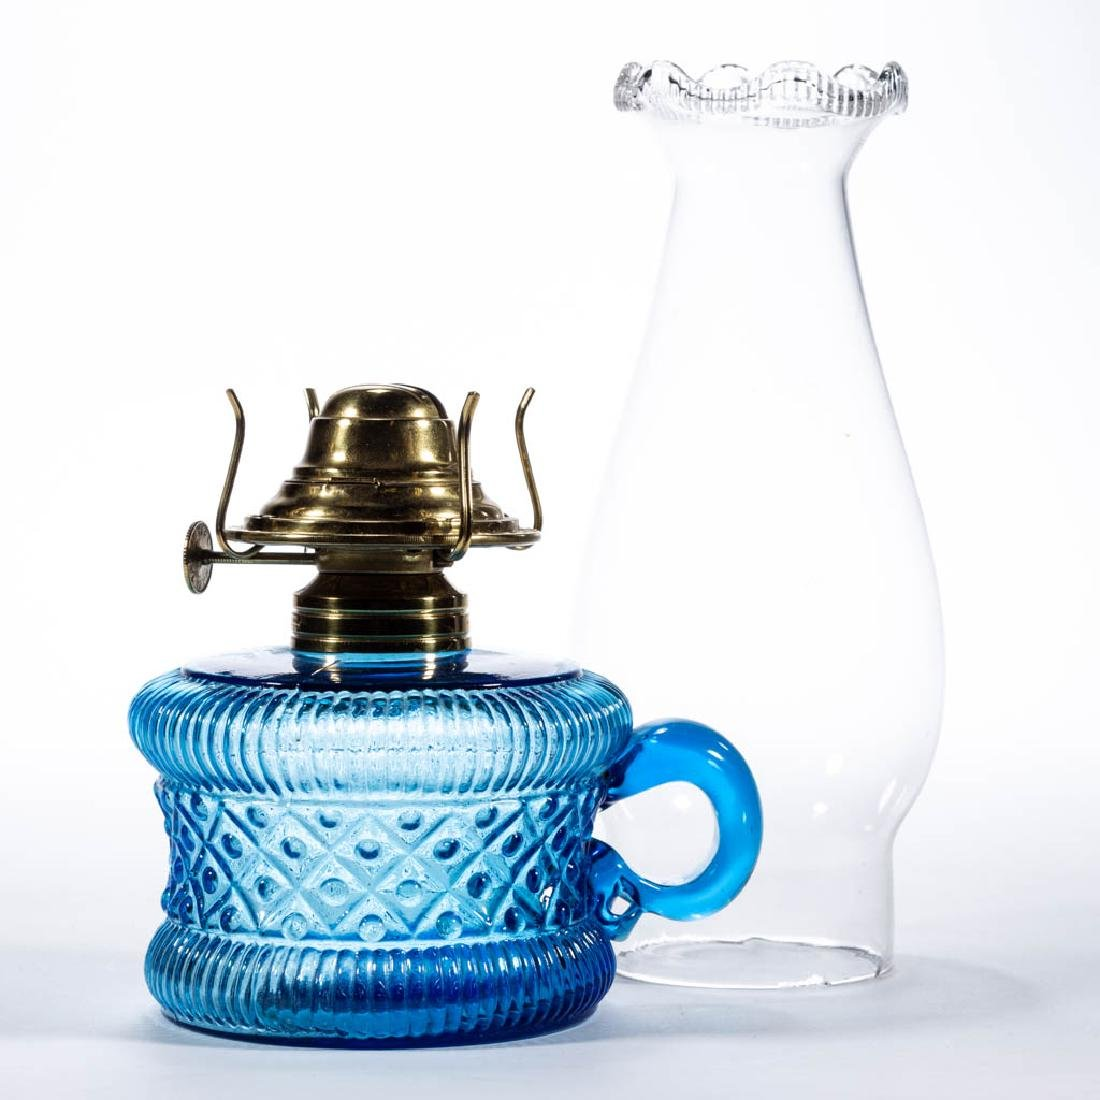 BEADED DIAMOND AND RIB BANDS KEROSENE FINGER LAMP